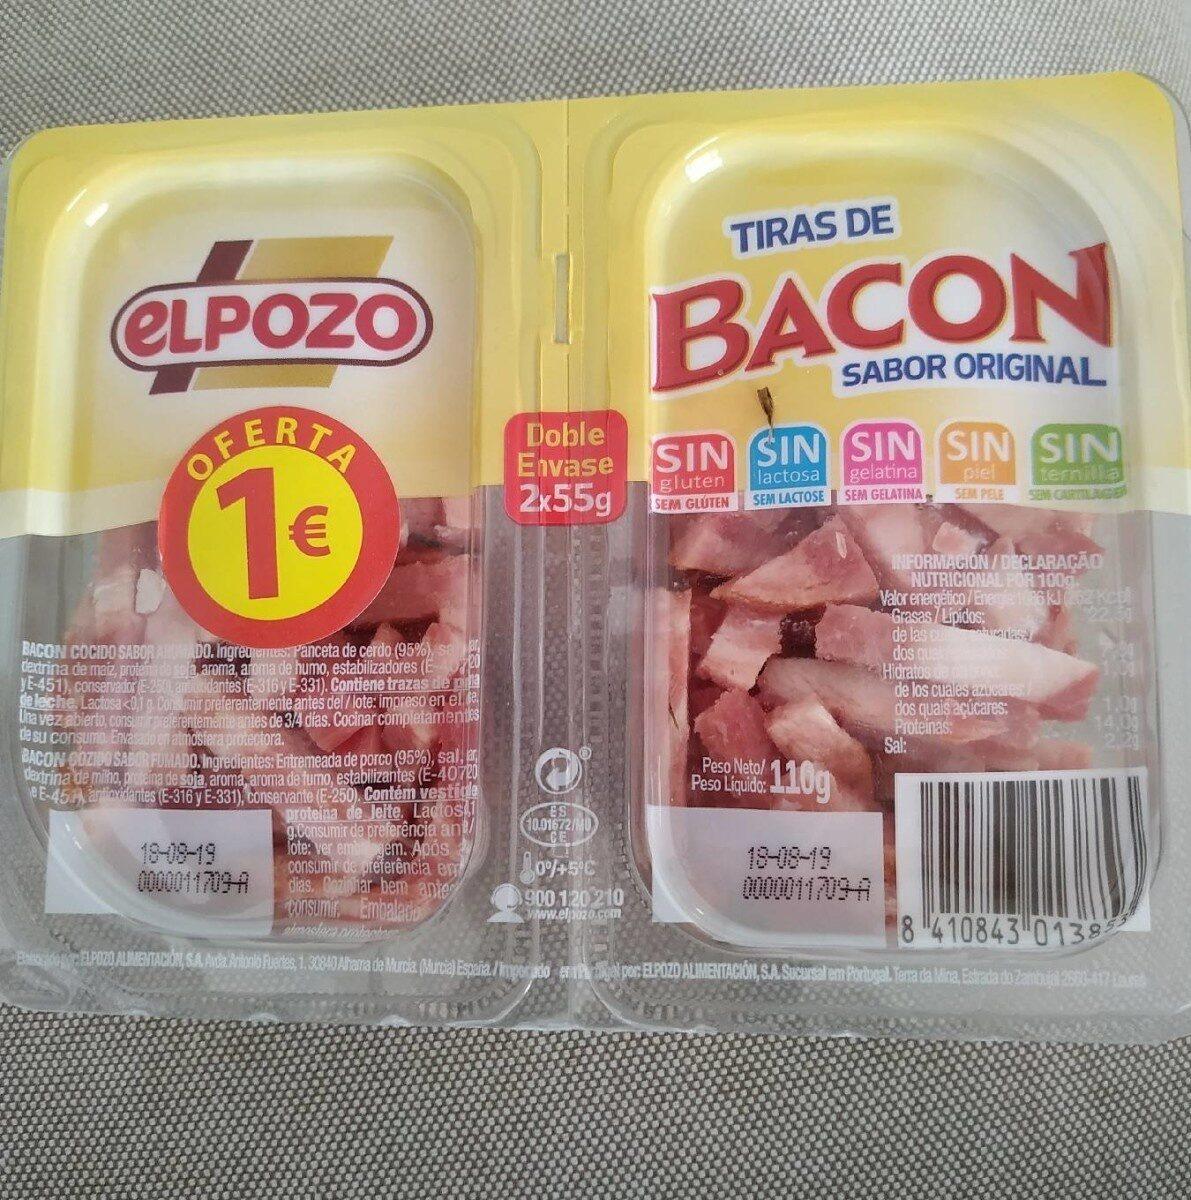 Tiras de Bacon El Pozo - Product